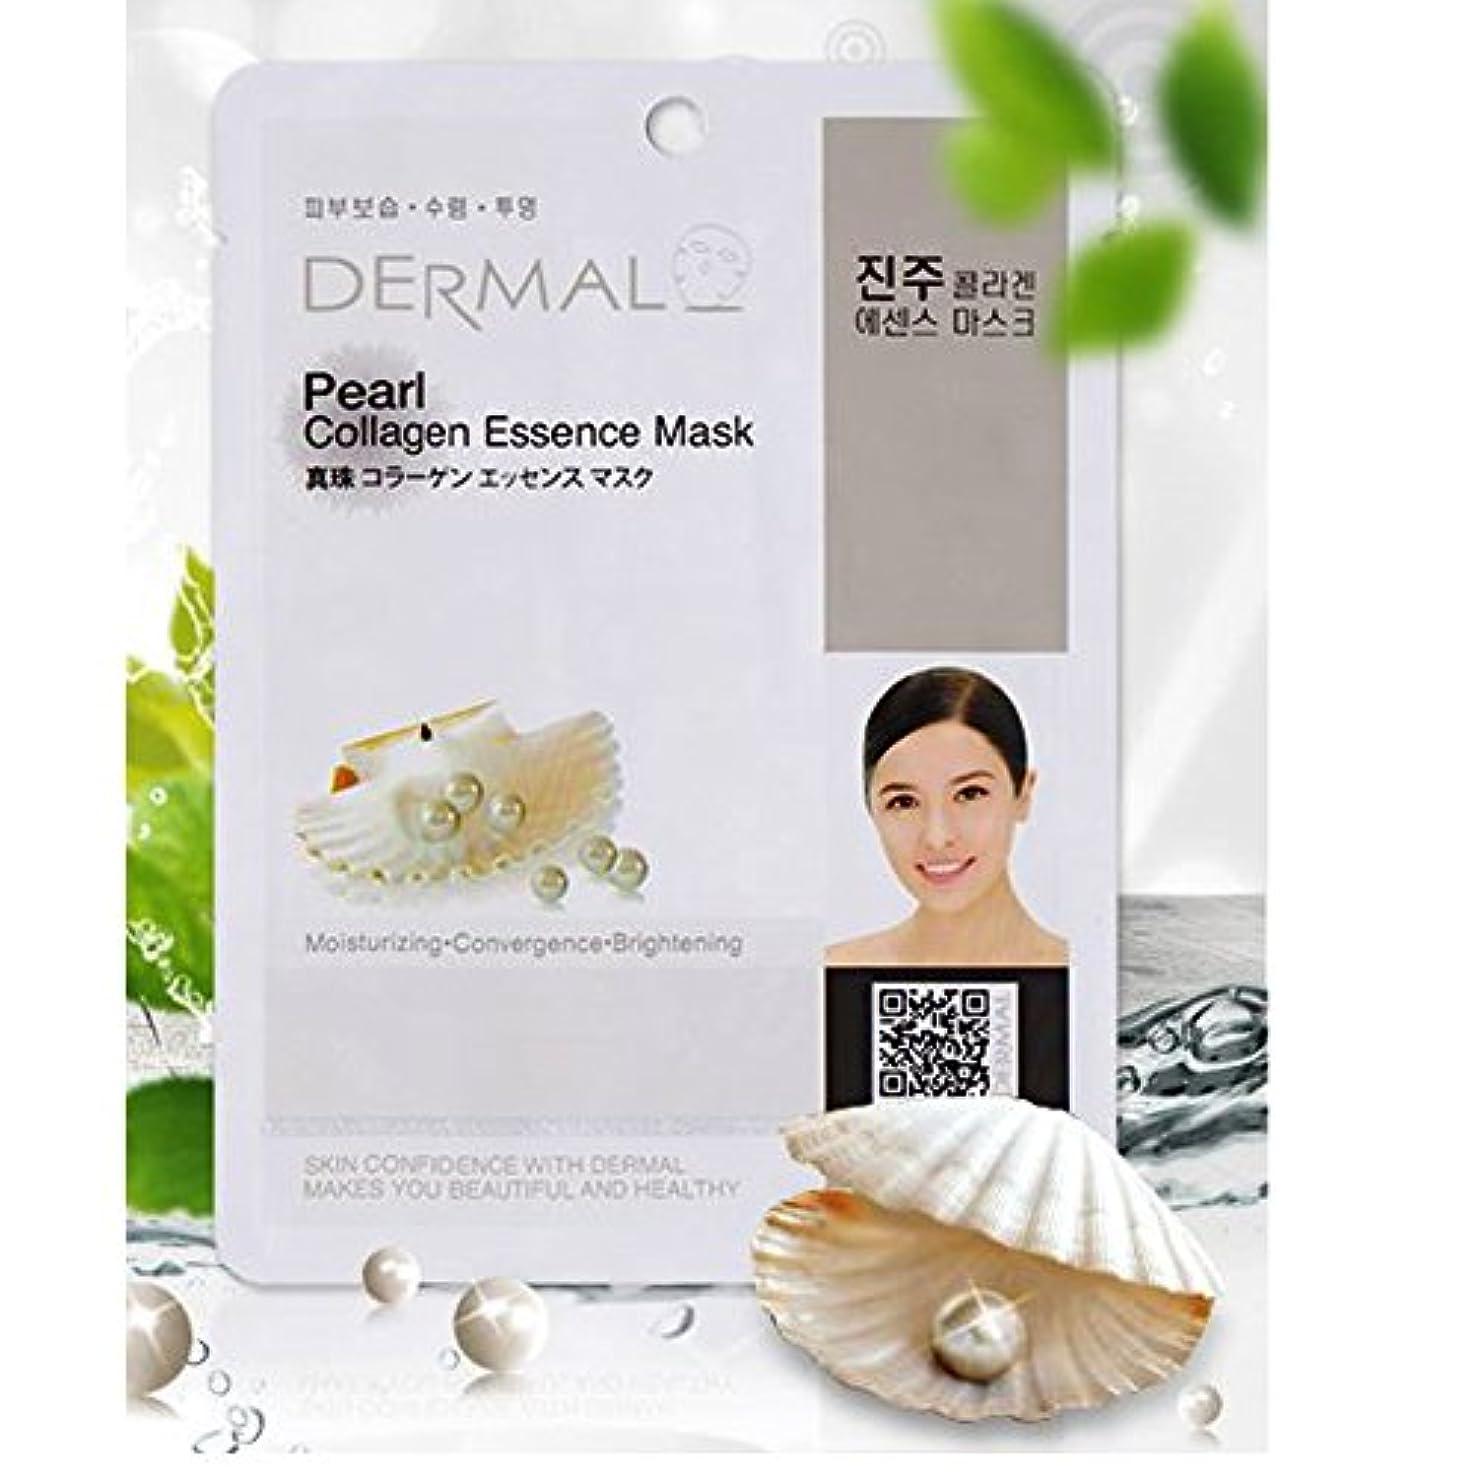 抑制するキャベツ集中的なシートマスク 真珠 10枚セット ダーマル(Dermal) フェイス パック